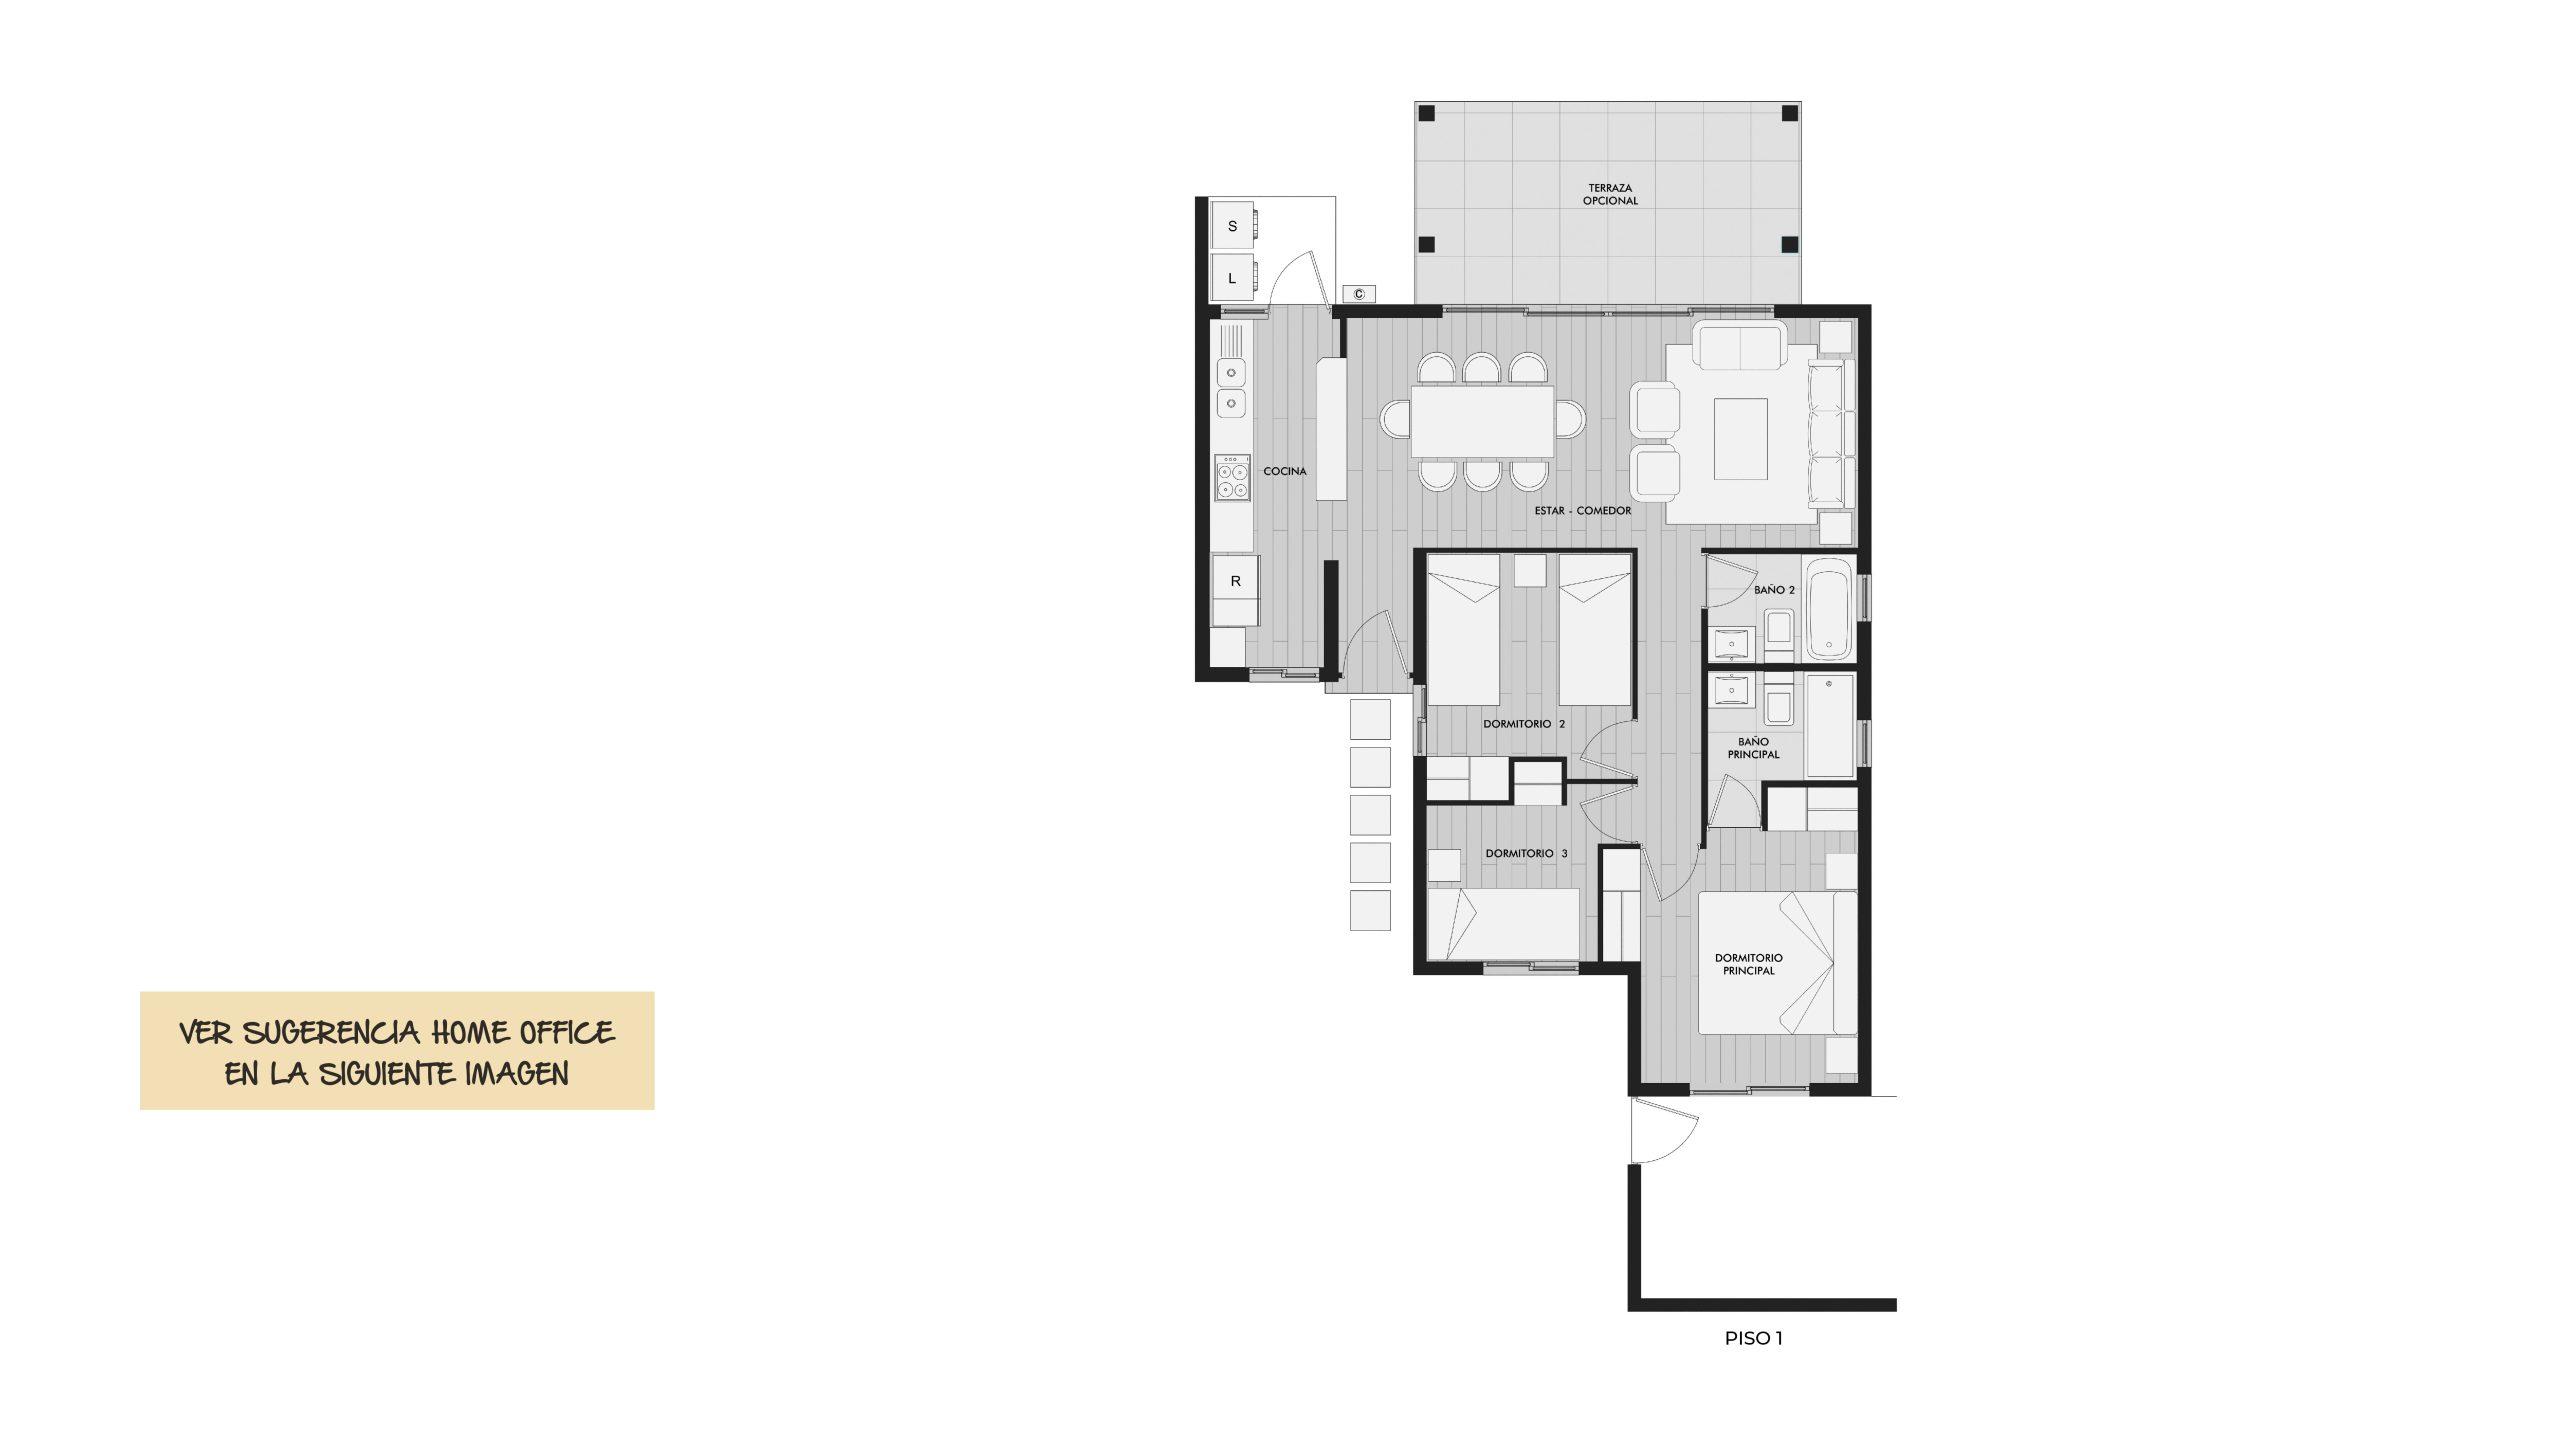 Condominio Aires de Tuqui II - Casa Limarí